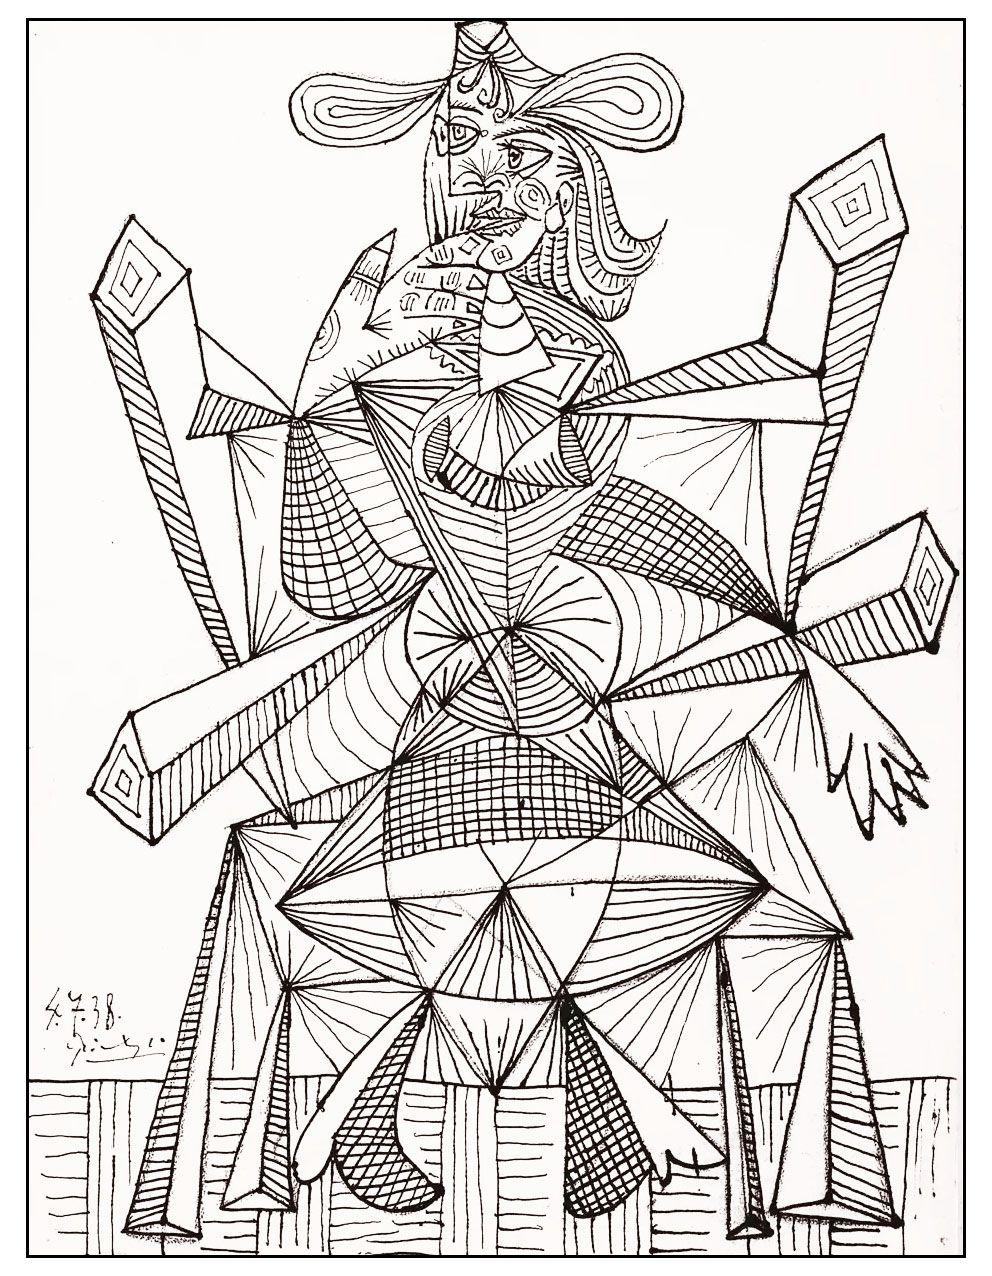 Un dessin du grand Pablo Picasso datant de 1938 parfait pour un coloriage artistique